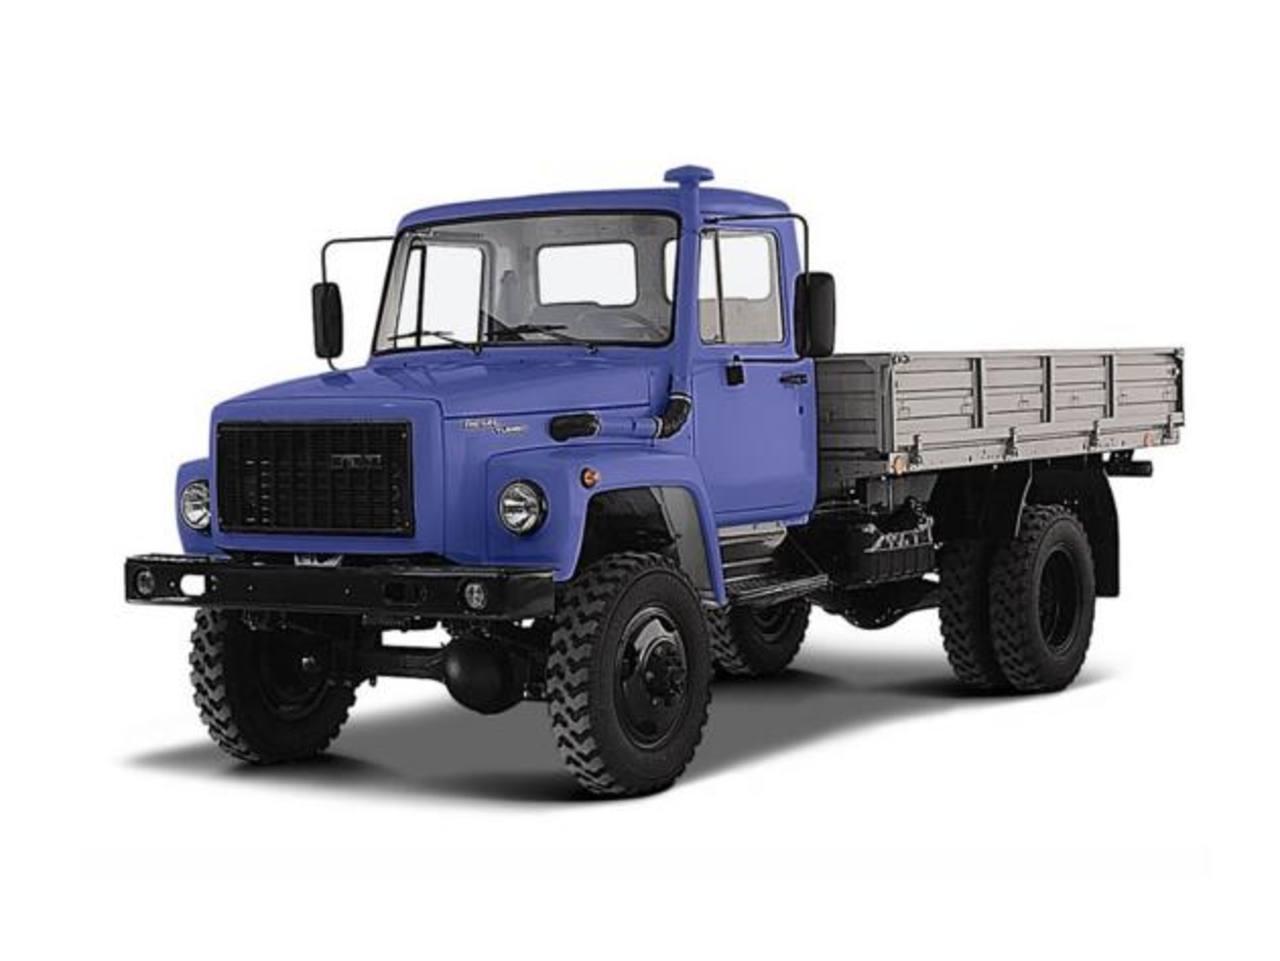 Los camiones rusos son 4x4, y tienen capacidad para dos y cuatro toneladas. Son ideales para labores agrícolas. foto edh / cortesía